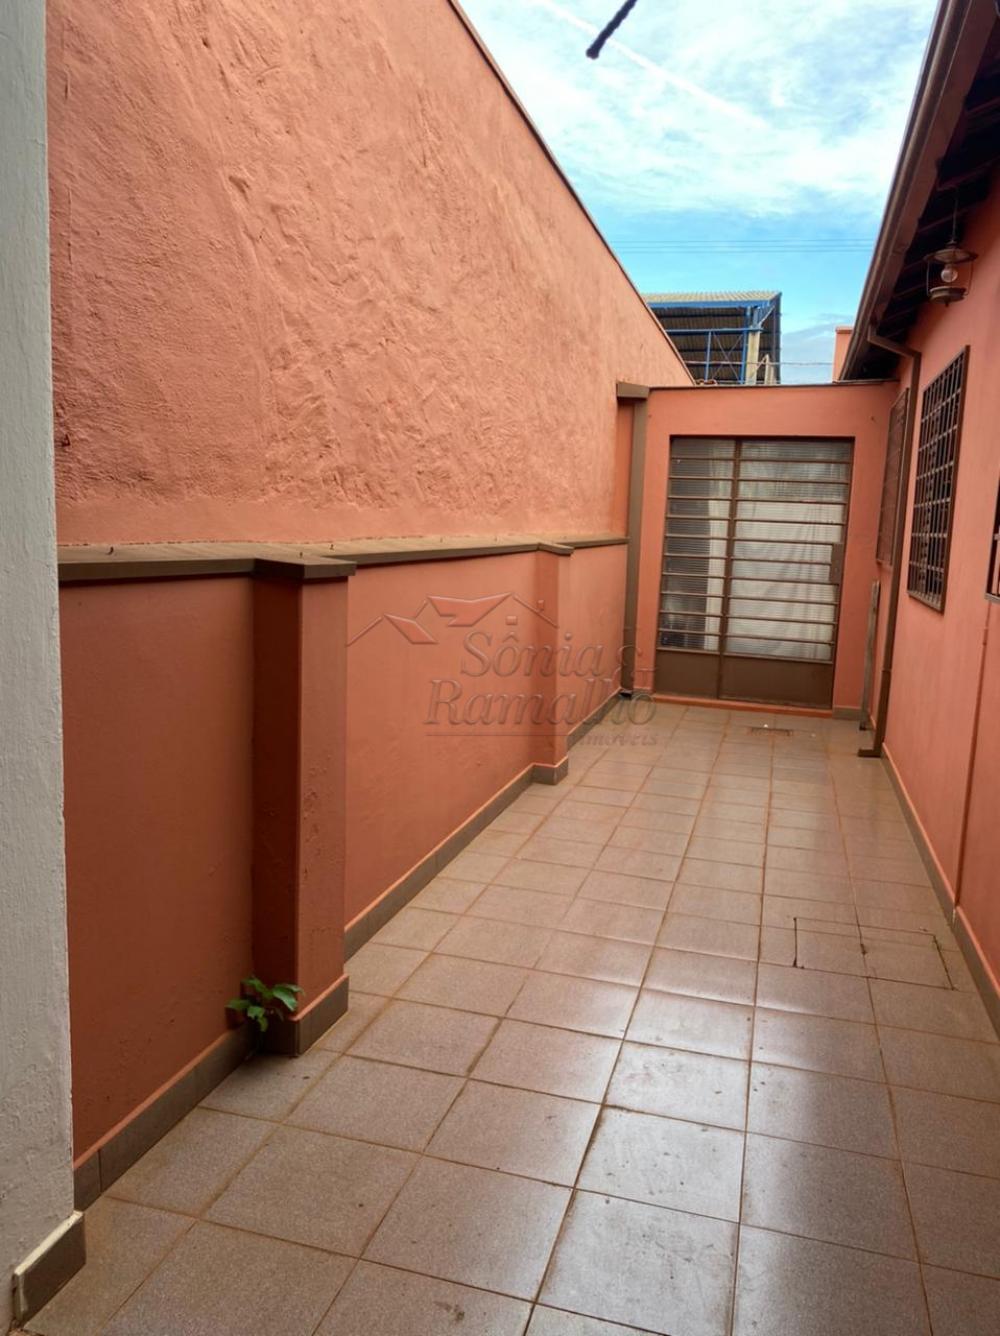 Alugar Casas / Padrão em Ribeirão Preto apenas R$ 1.300,00 - Foto 9